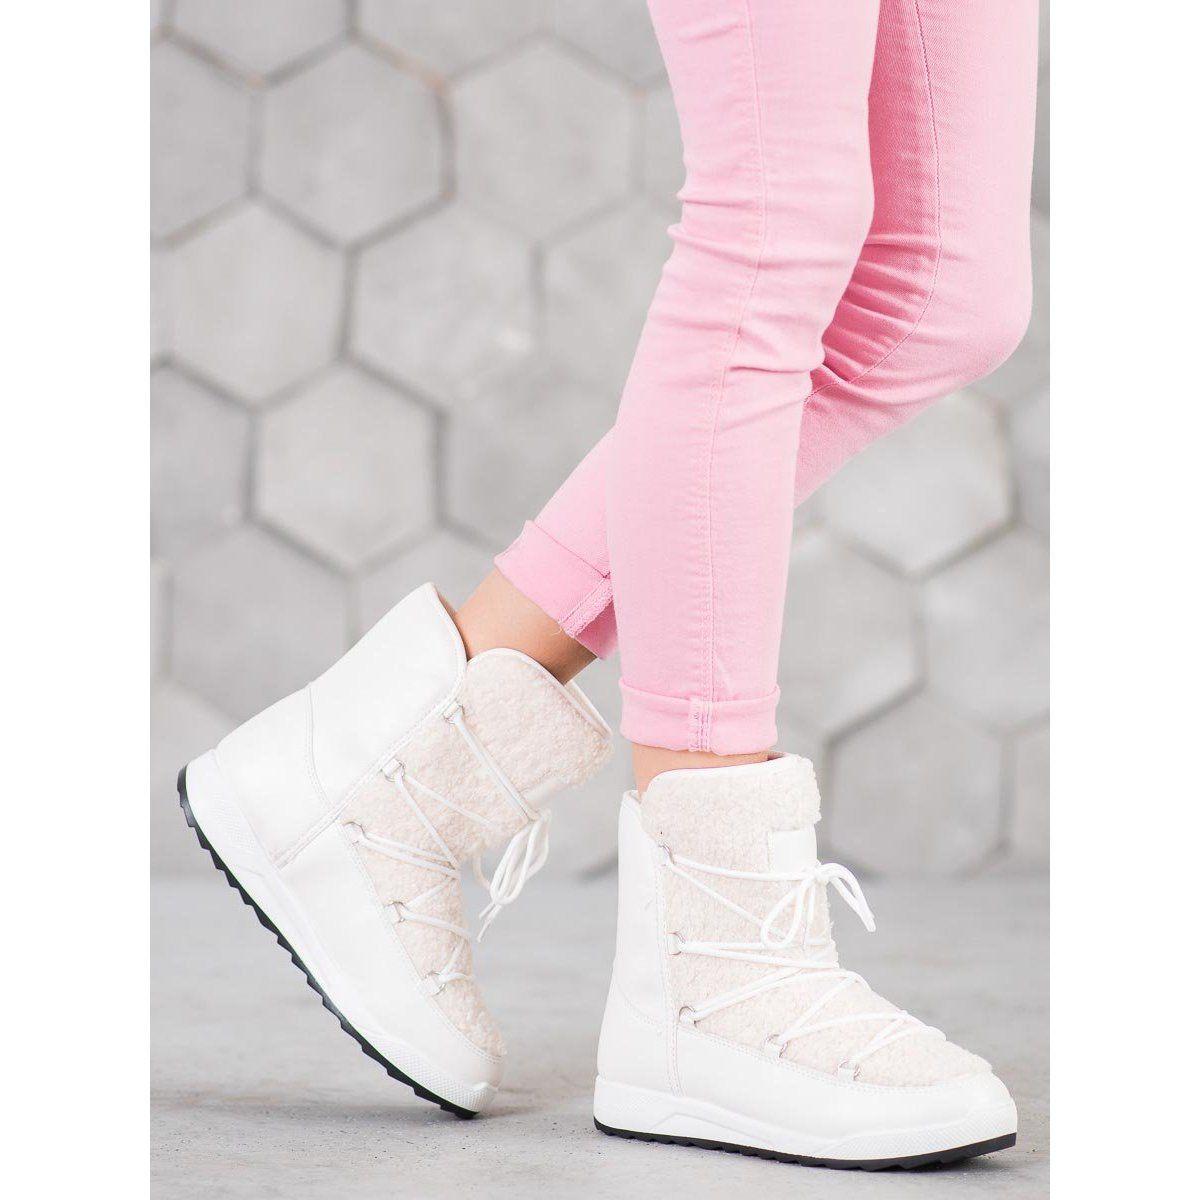 Small Swan Buty Zimowe Z Kozuszkiem Biale Adidas Tubular Defiant Top Sneakers Adidas Tubular